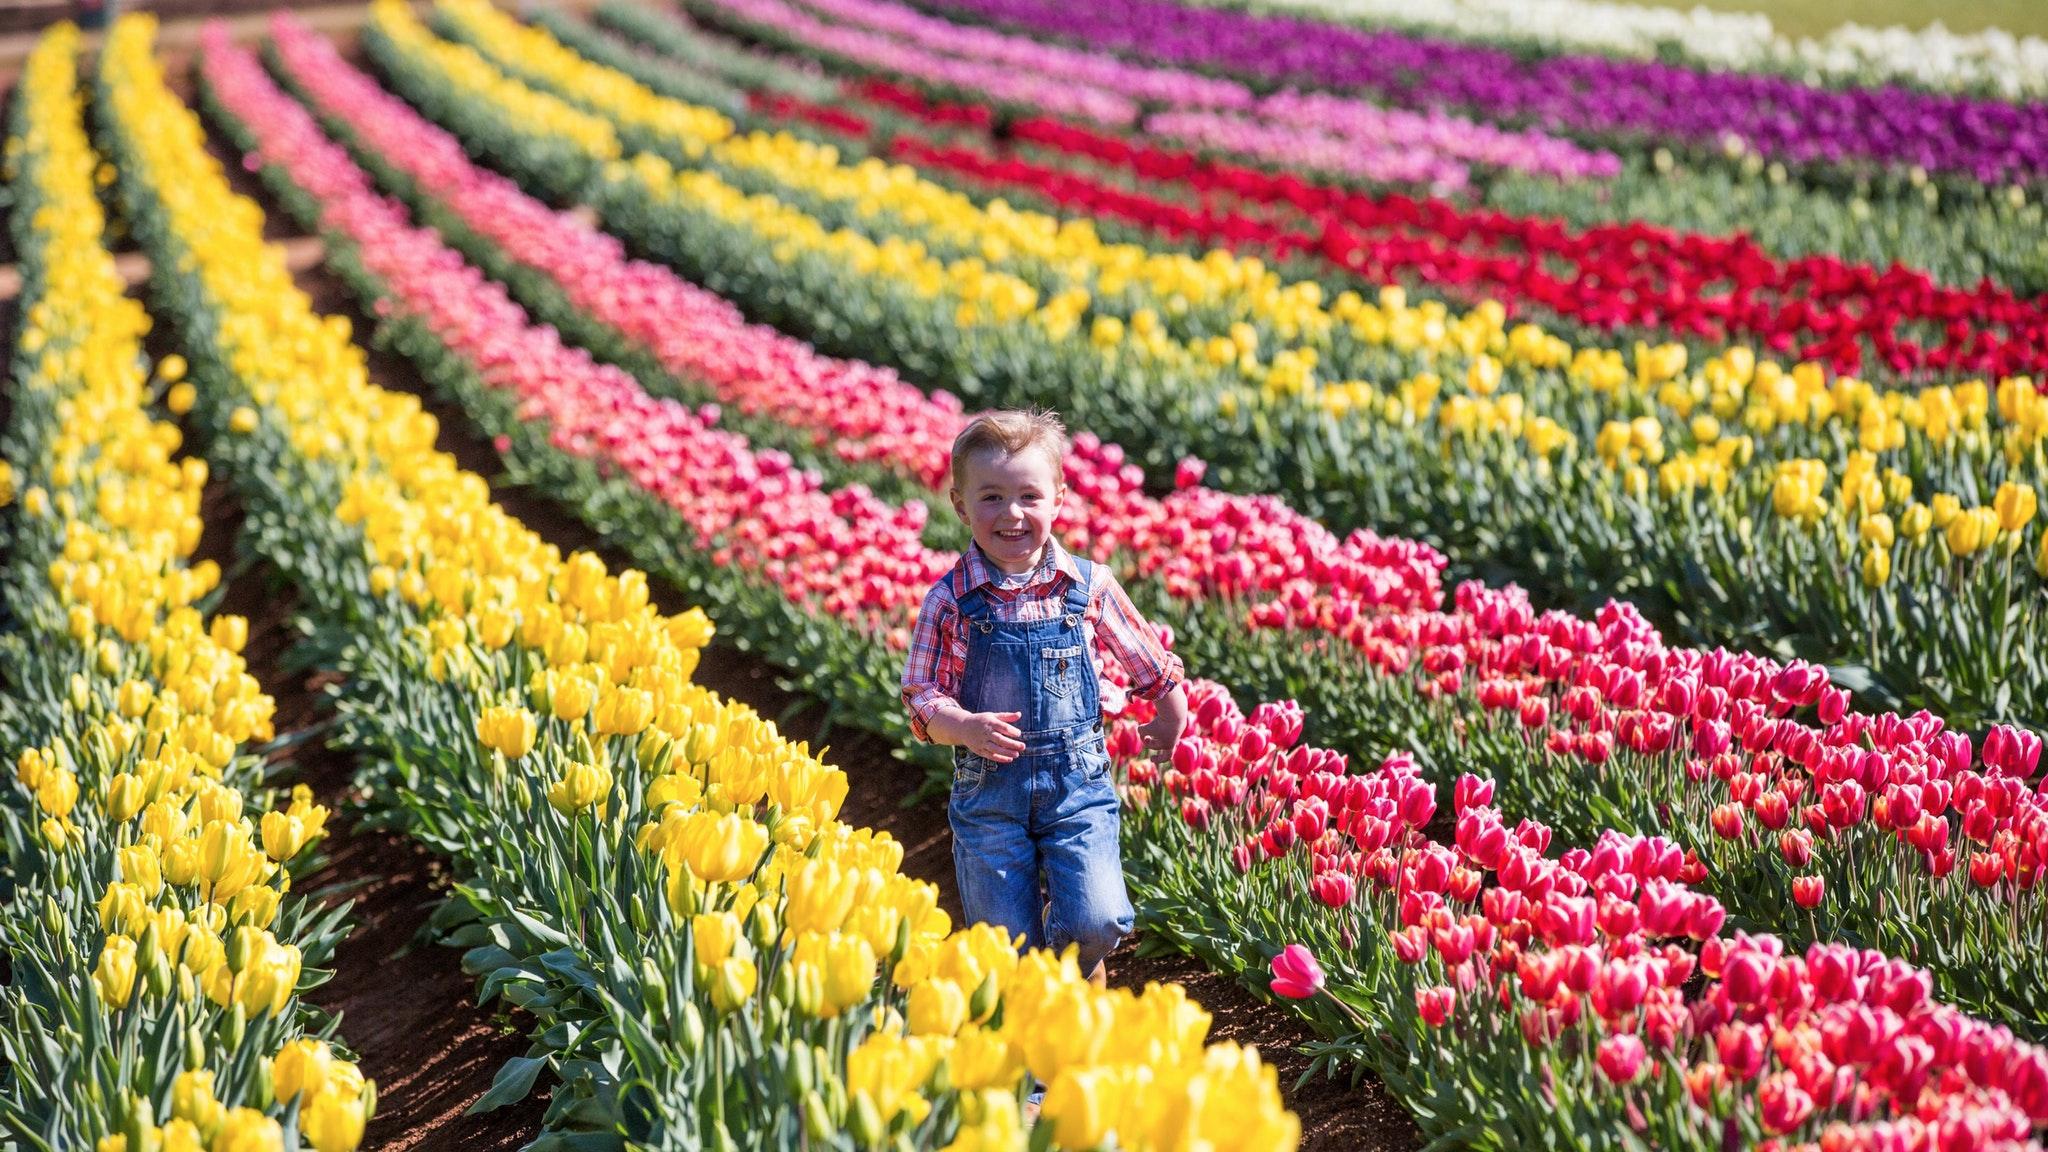 Kết quả hình ảnh cho lễ hội hoa tulip ở úc